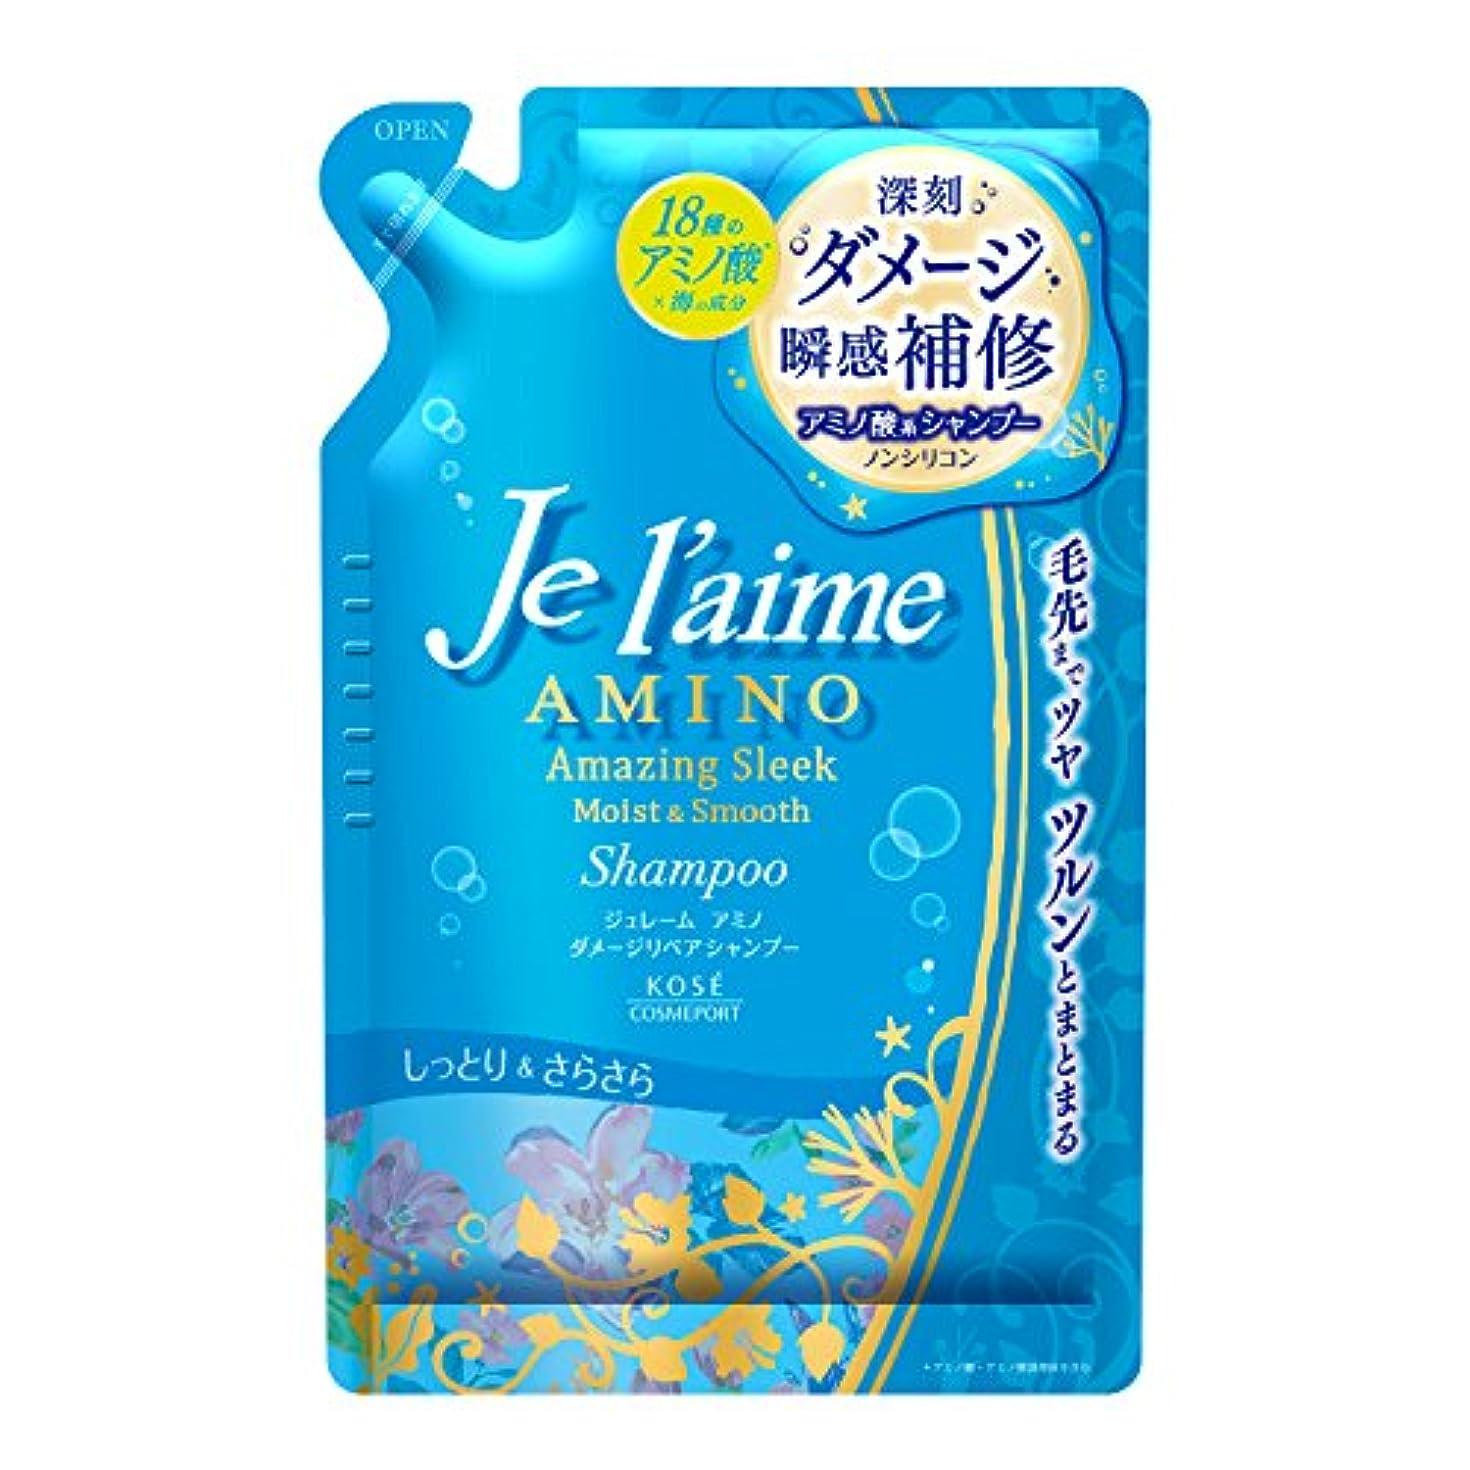 炭水化物表示提出するKOSE コーセー ジュレーム アミノ ダメージ リペア シャンプー ノンシリコン アミノ酸 配合 (モイスト & スムース) つめかえ 400ml